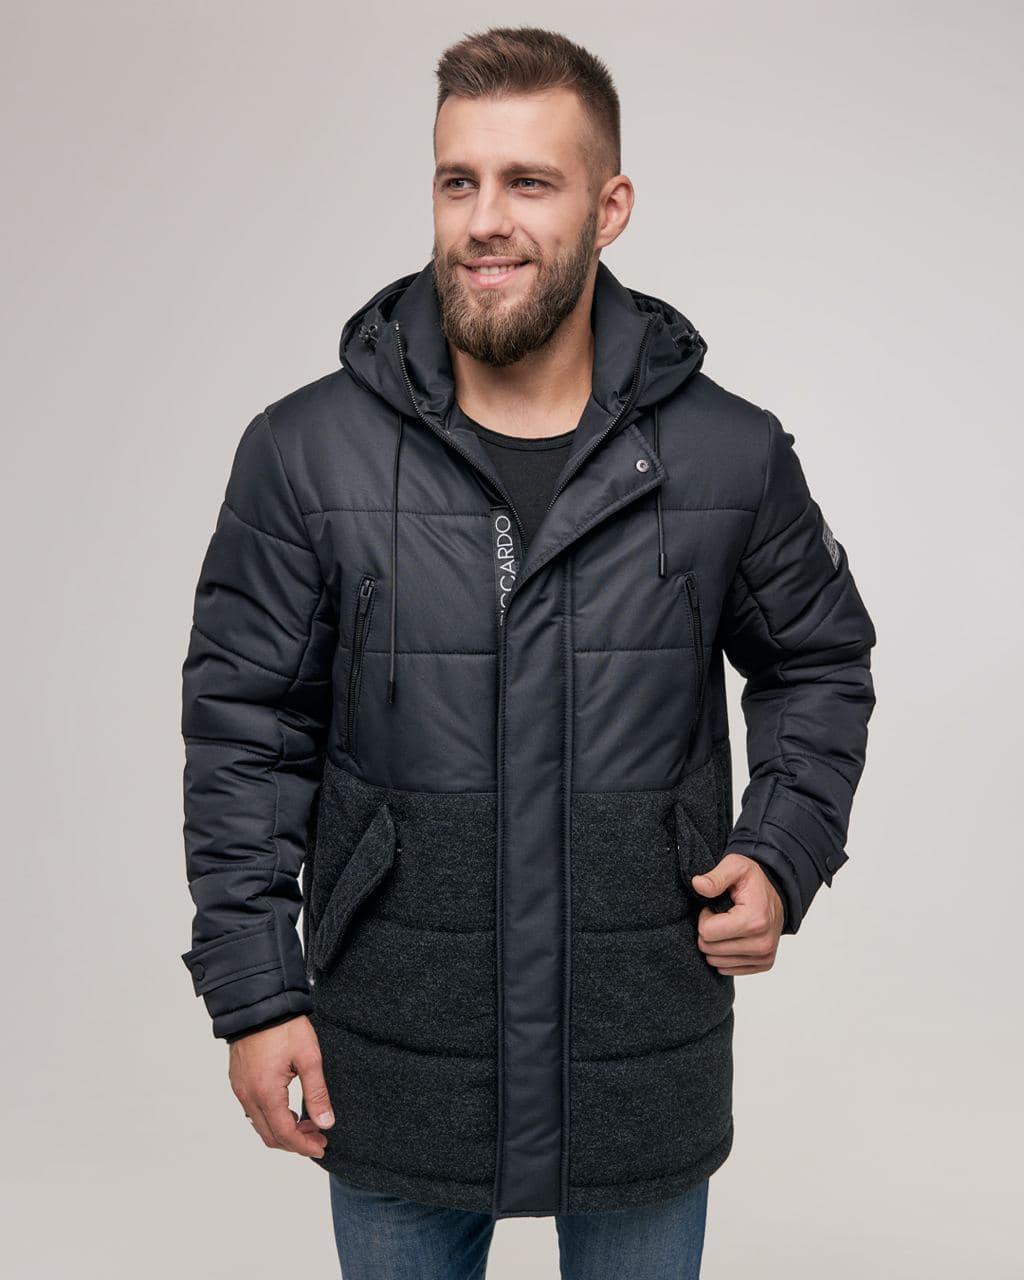 Мужская зимняя куртка ZD-02 черная